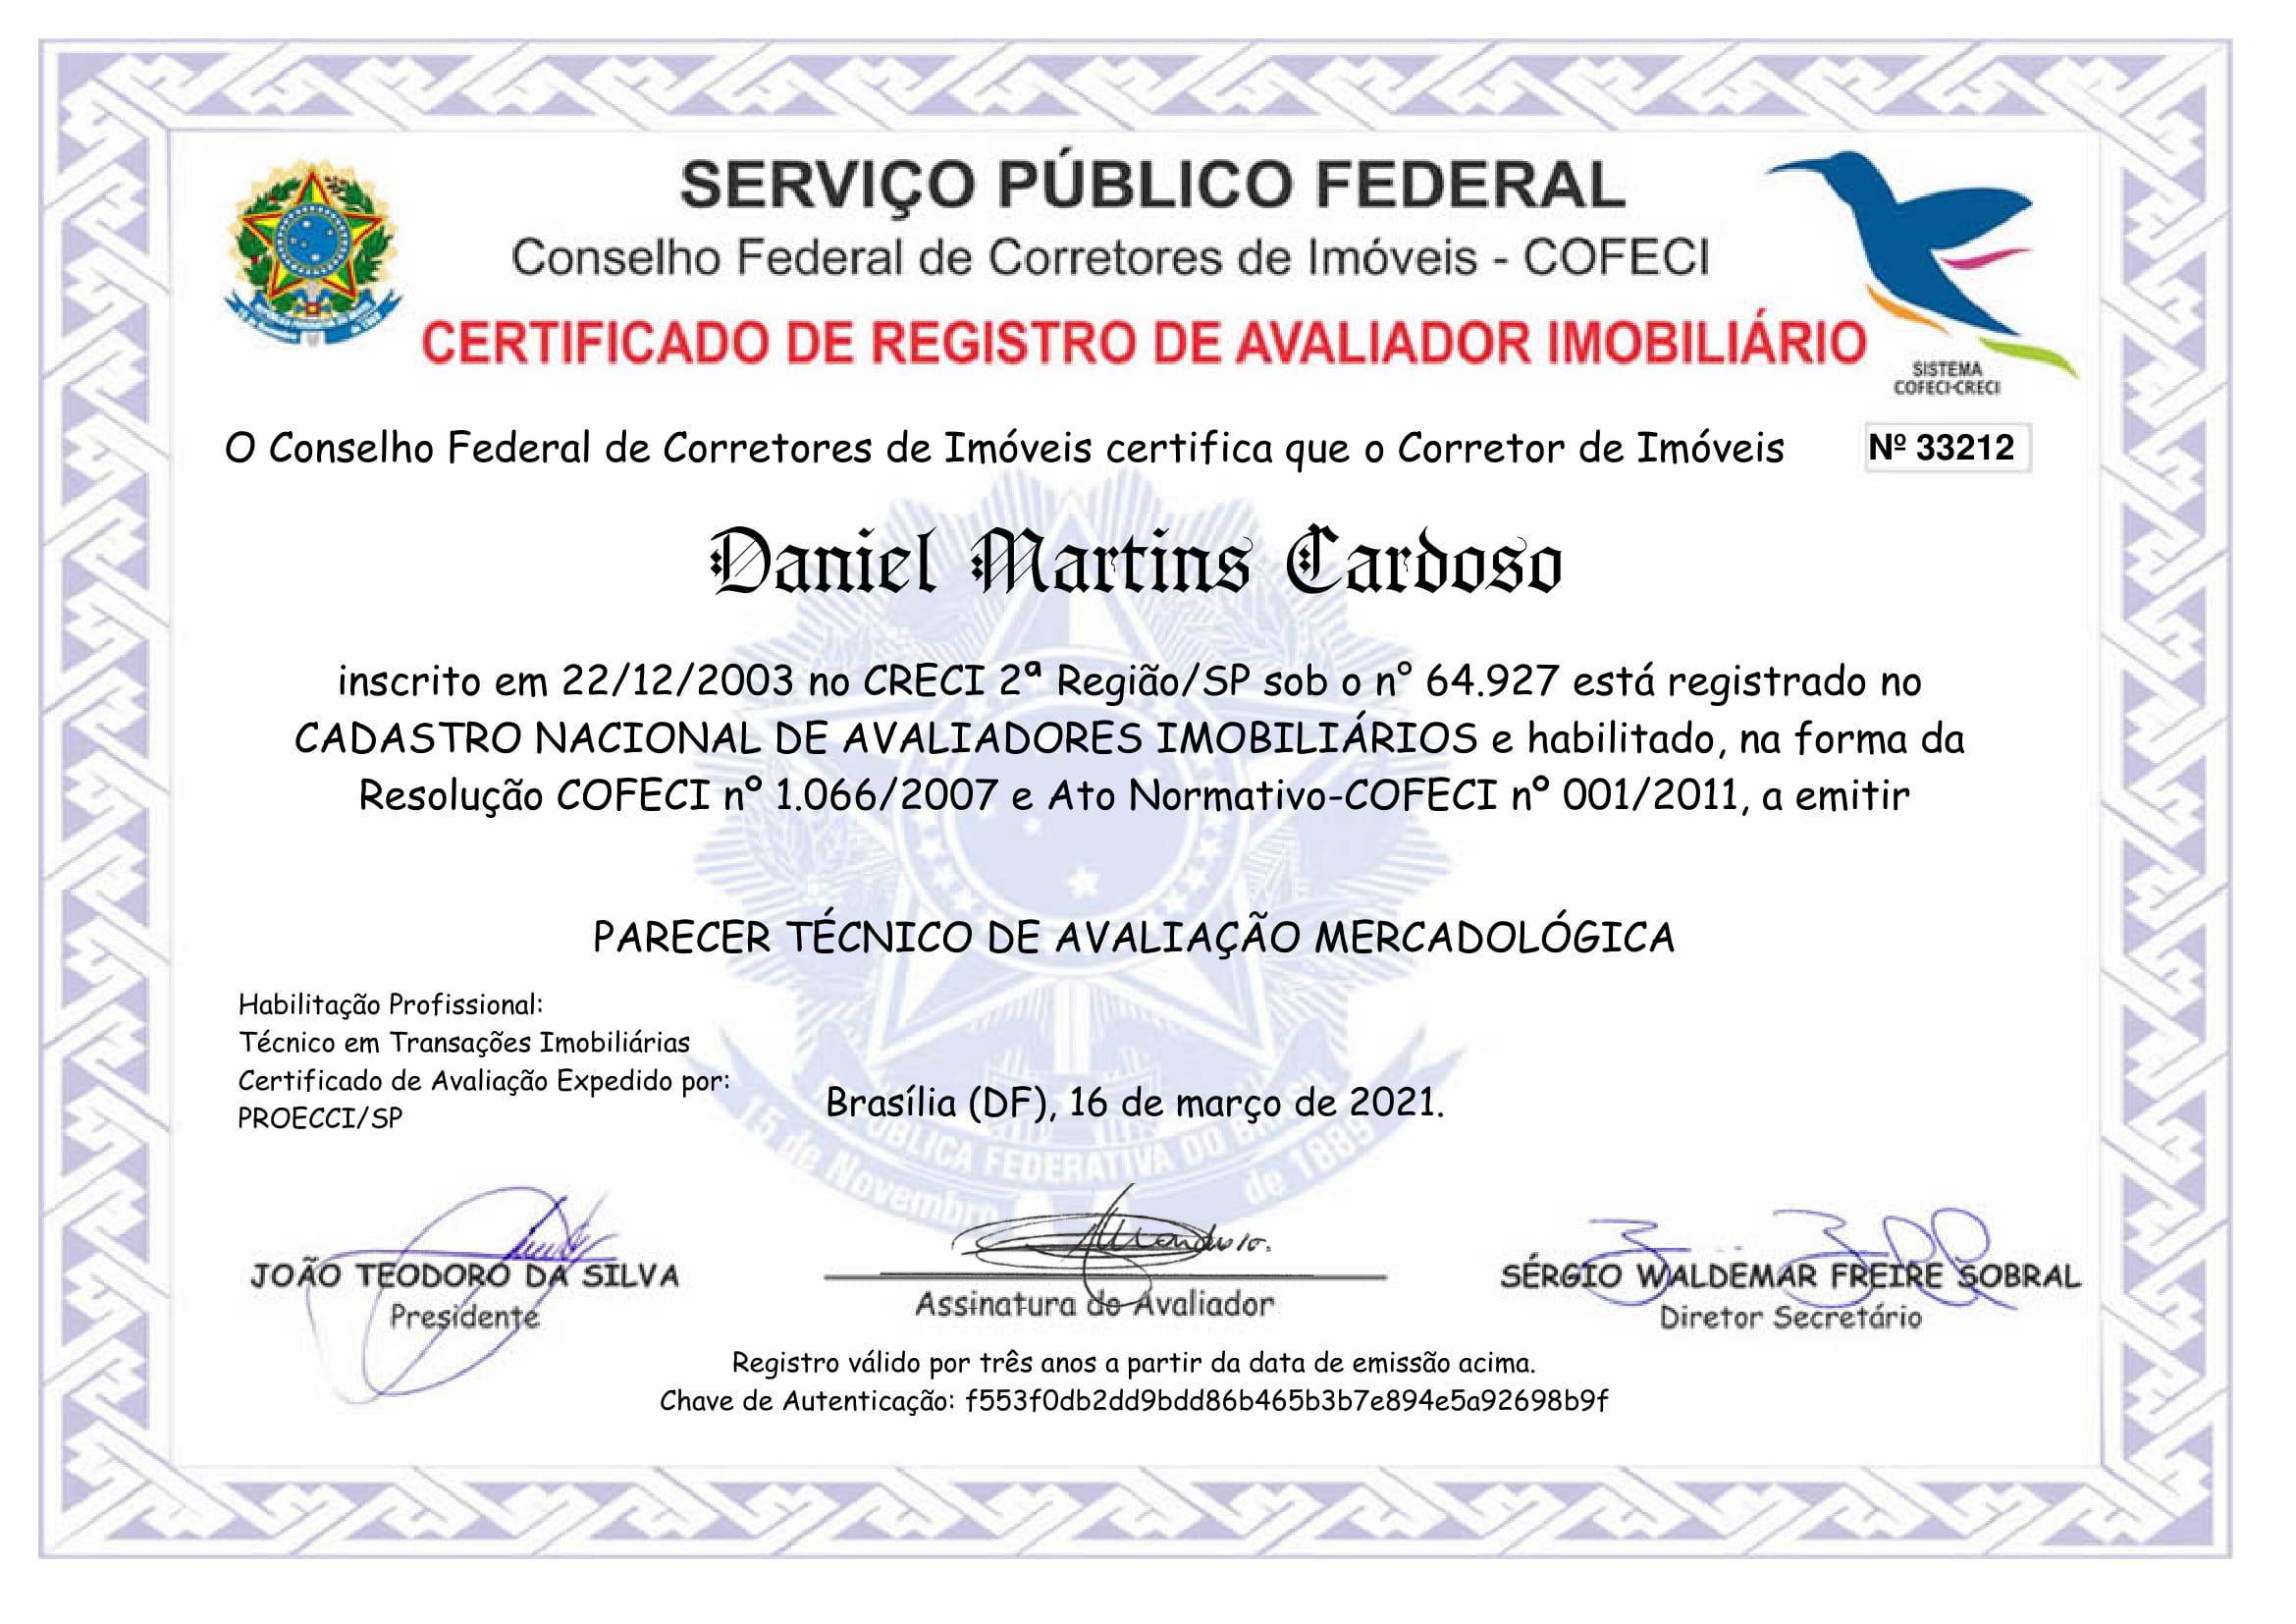 Certificado_CNAI33212-1